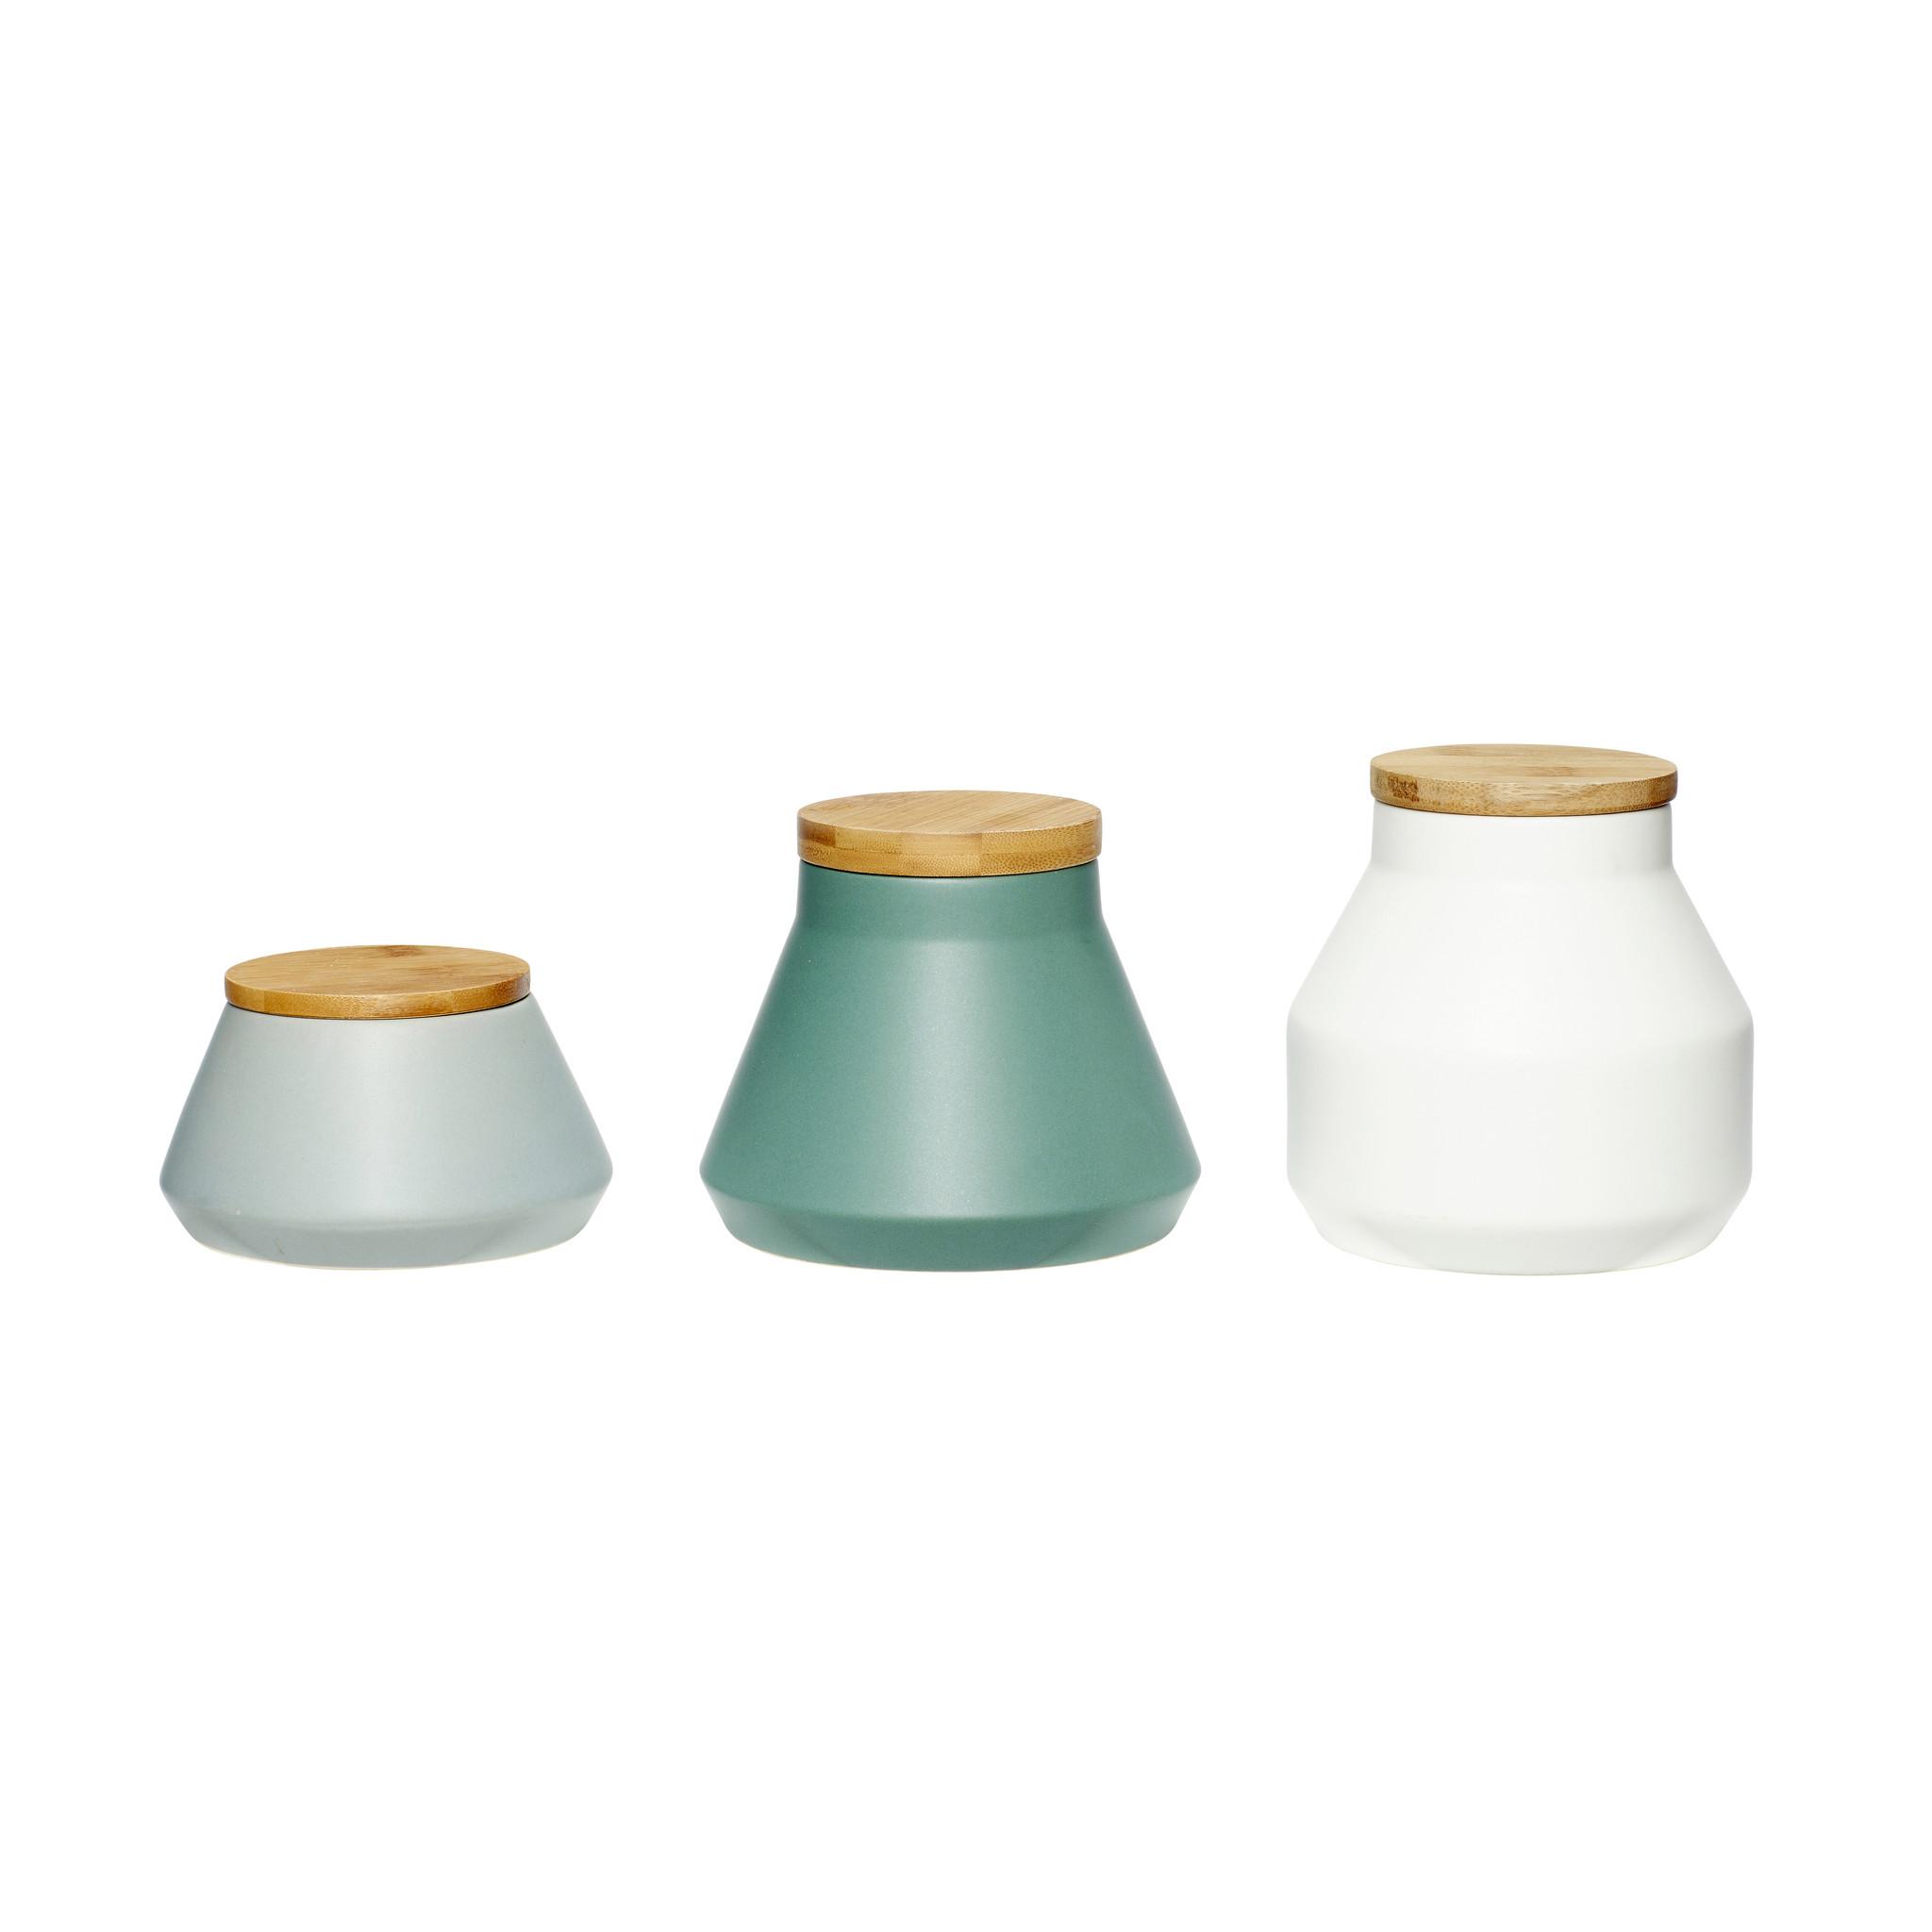 Hubsch Pot met deksel, keramiek / hout, grijset van wit / groen, set van 3